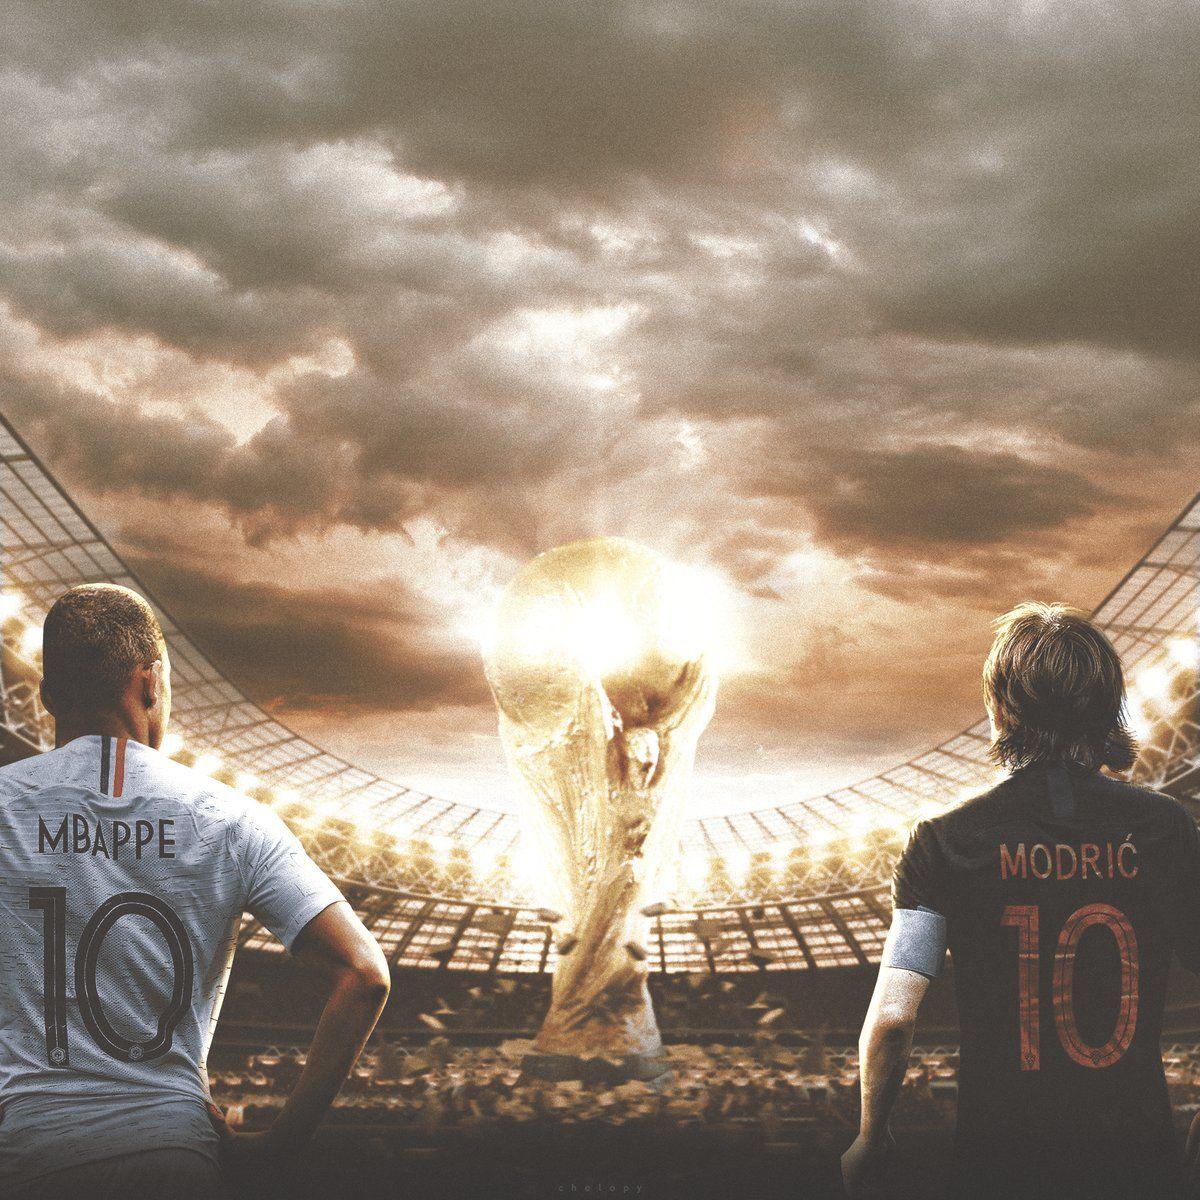 Francia y Croacia van por la gloria máxima. Imagen: Twitter @_CHELOpy